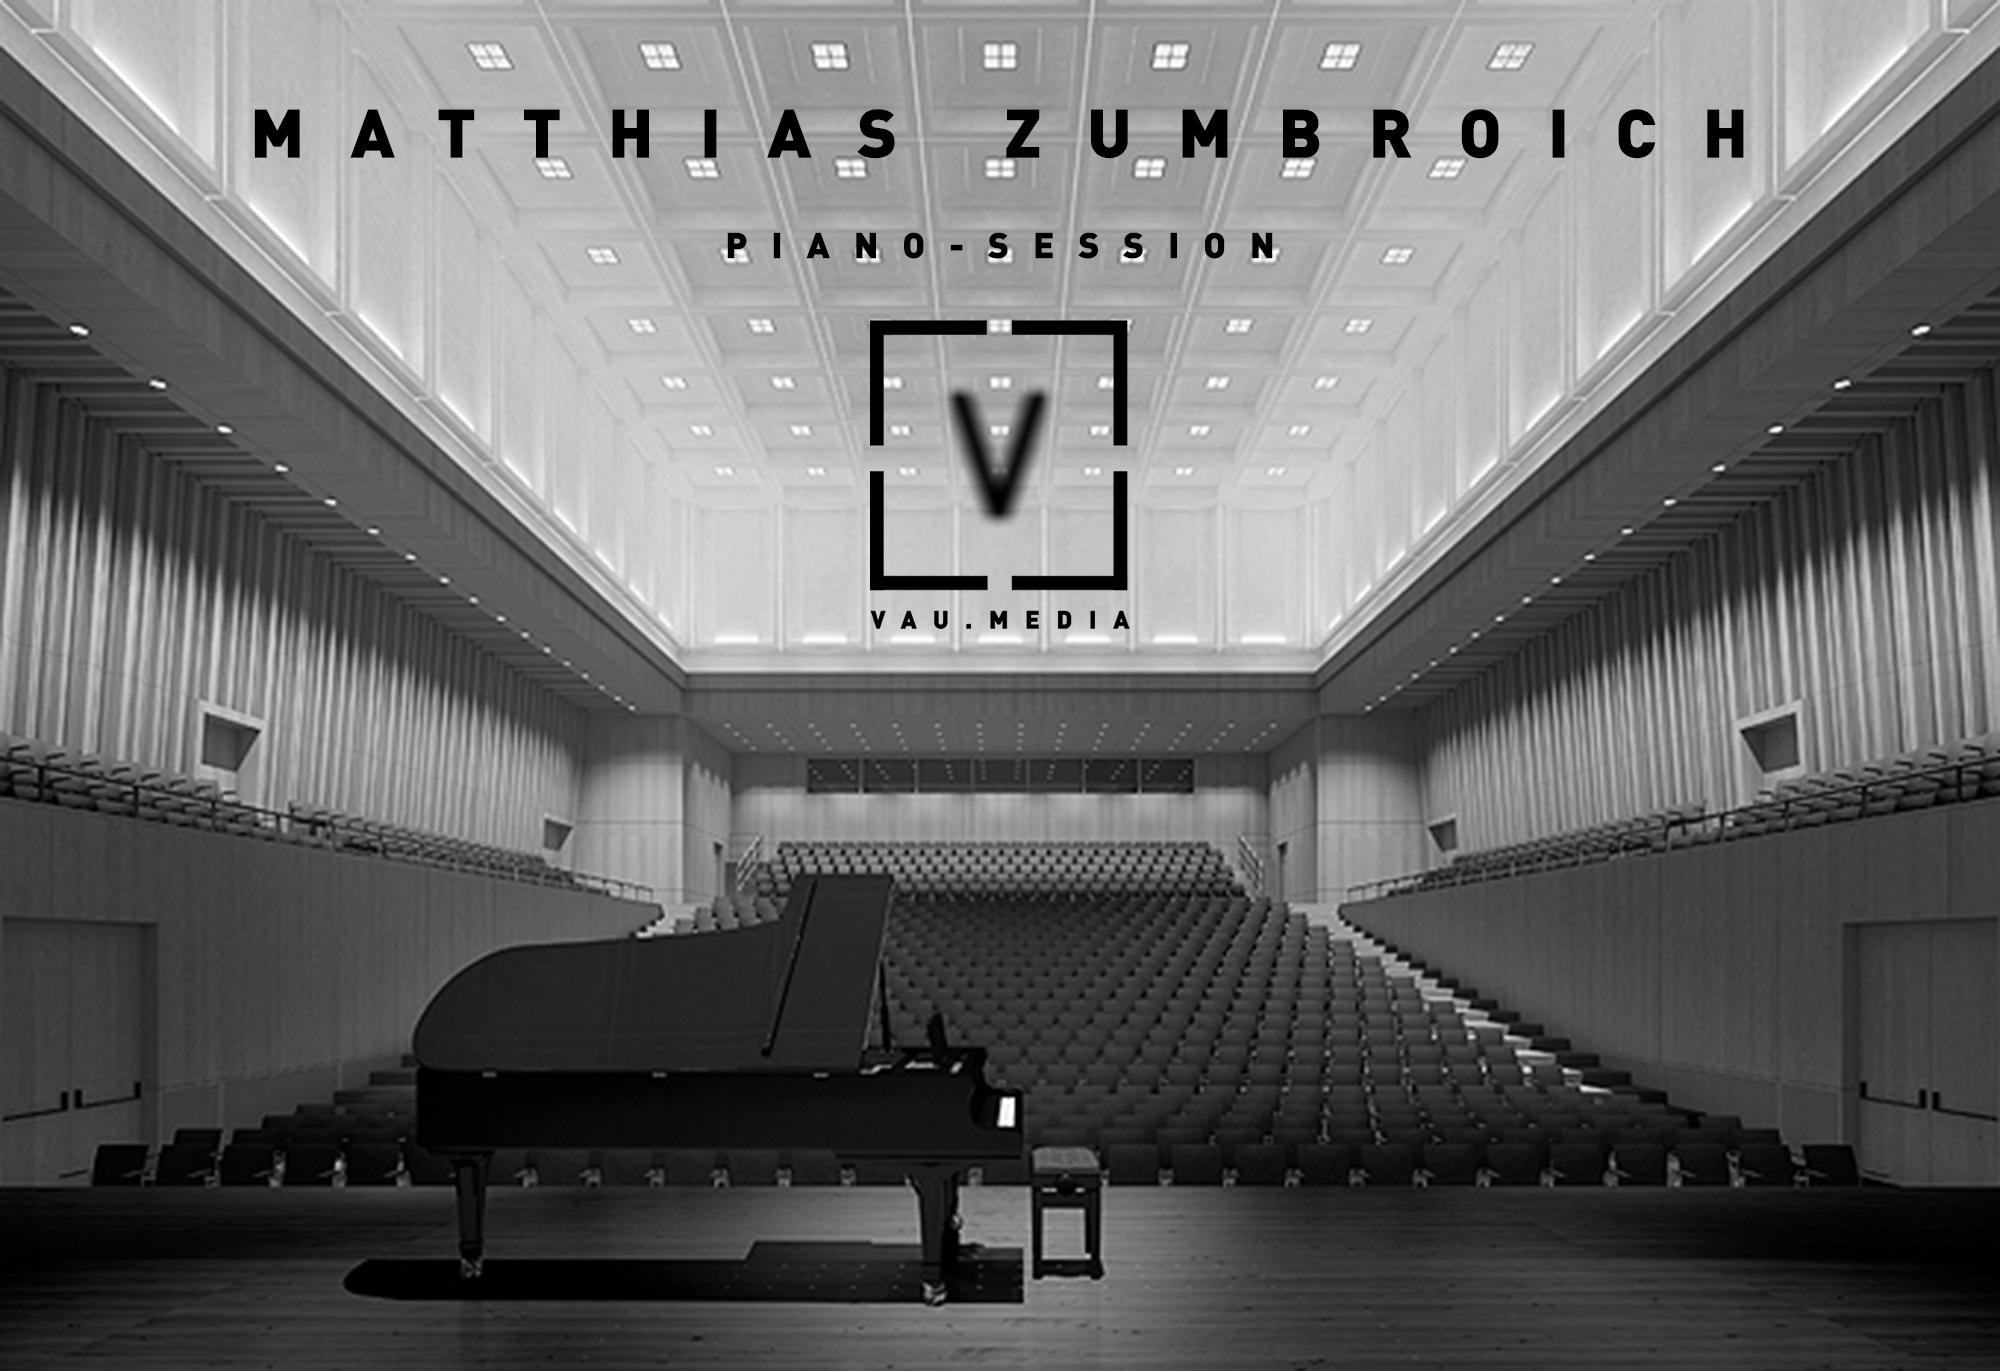 MATTHIAS ZUMBROICH- PIANO SESSION